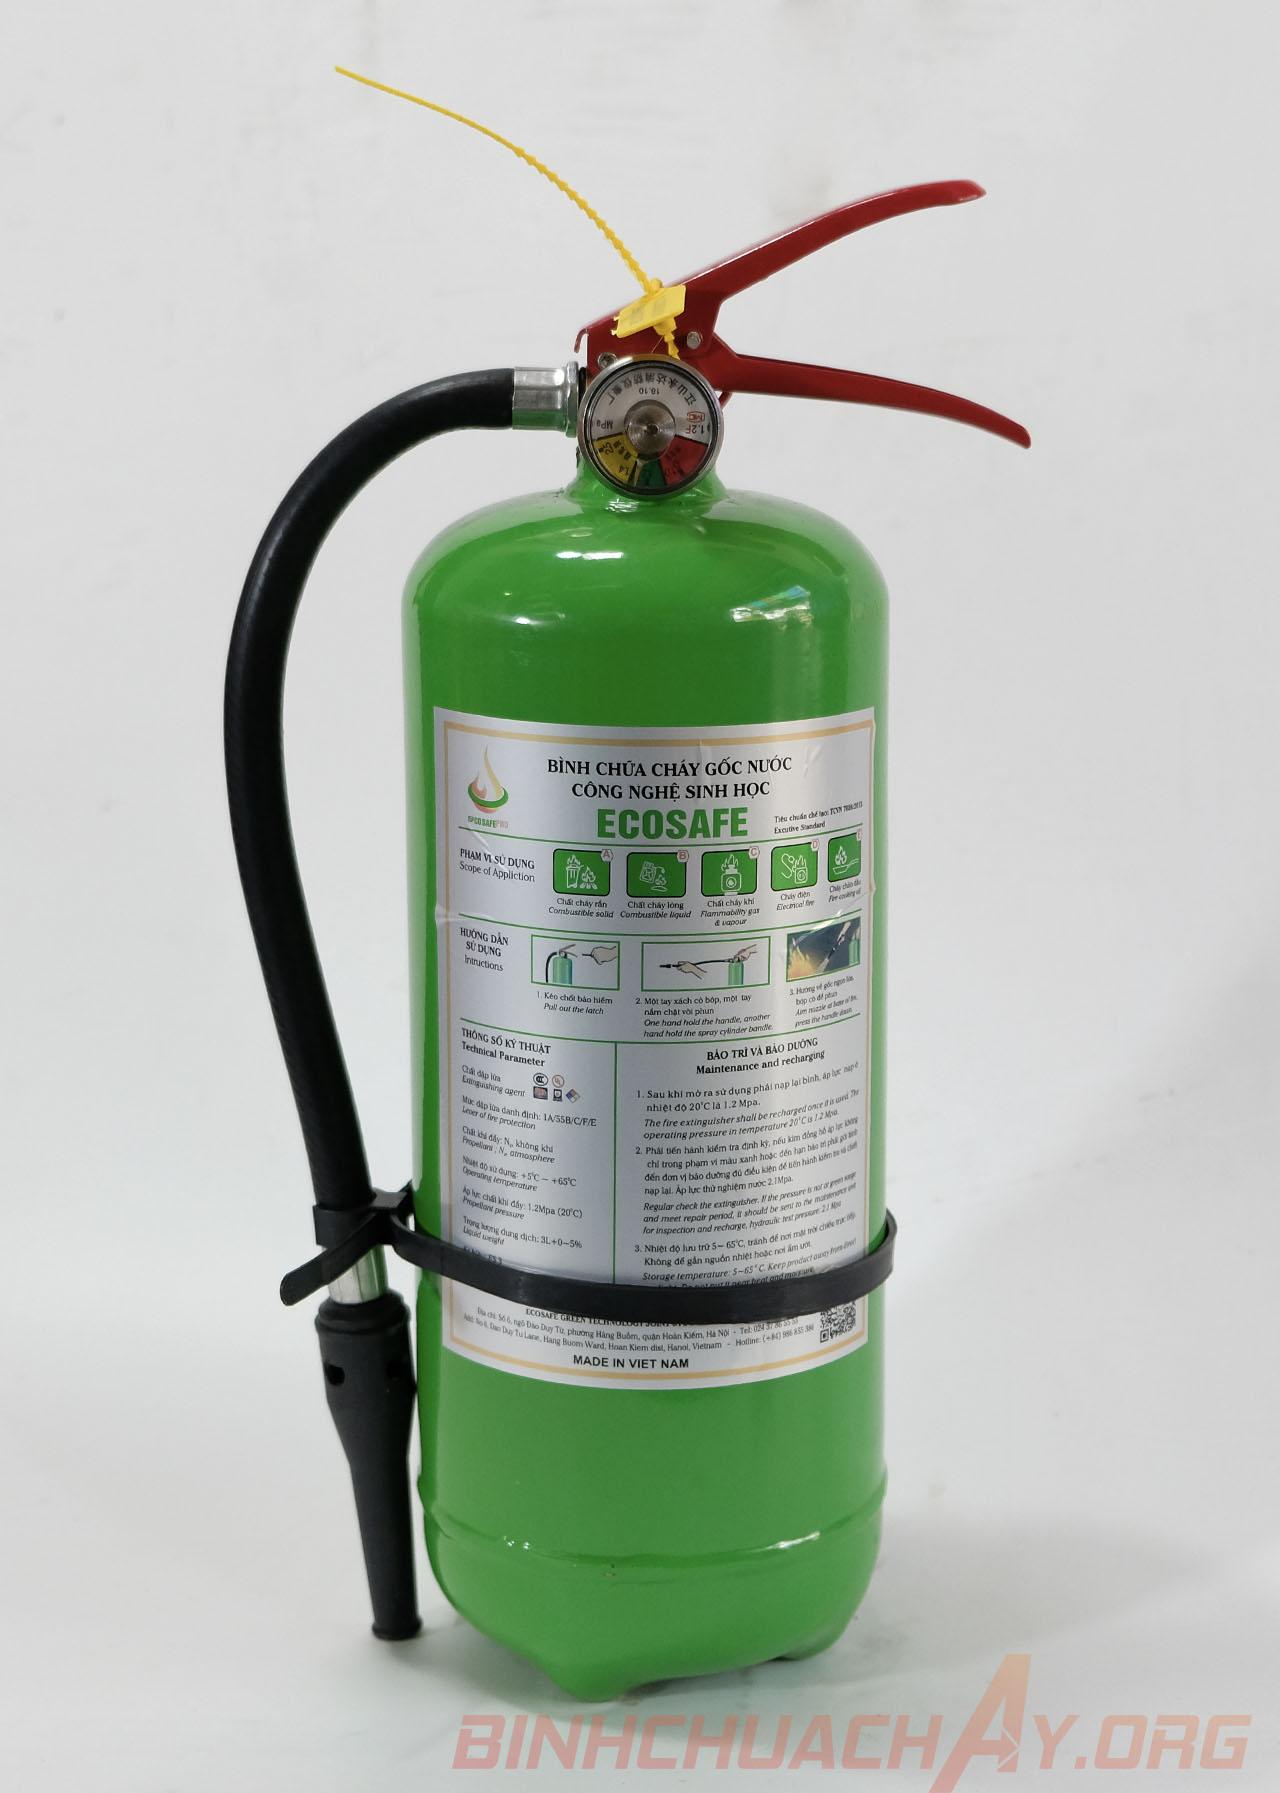 Bình chữa cháy gốc nước 3 lít ES3 Ecosafe Việt Nam